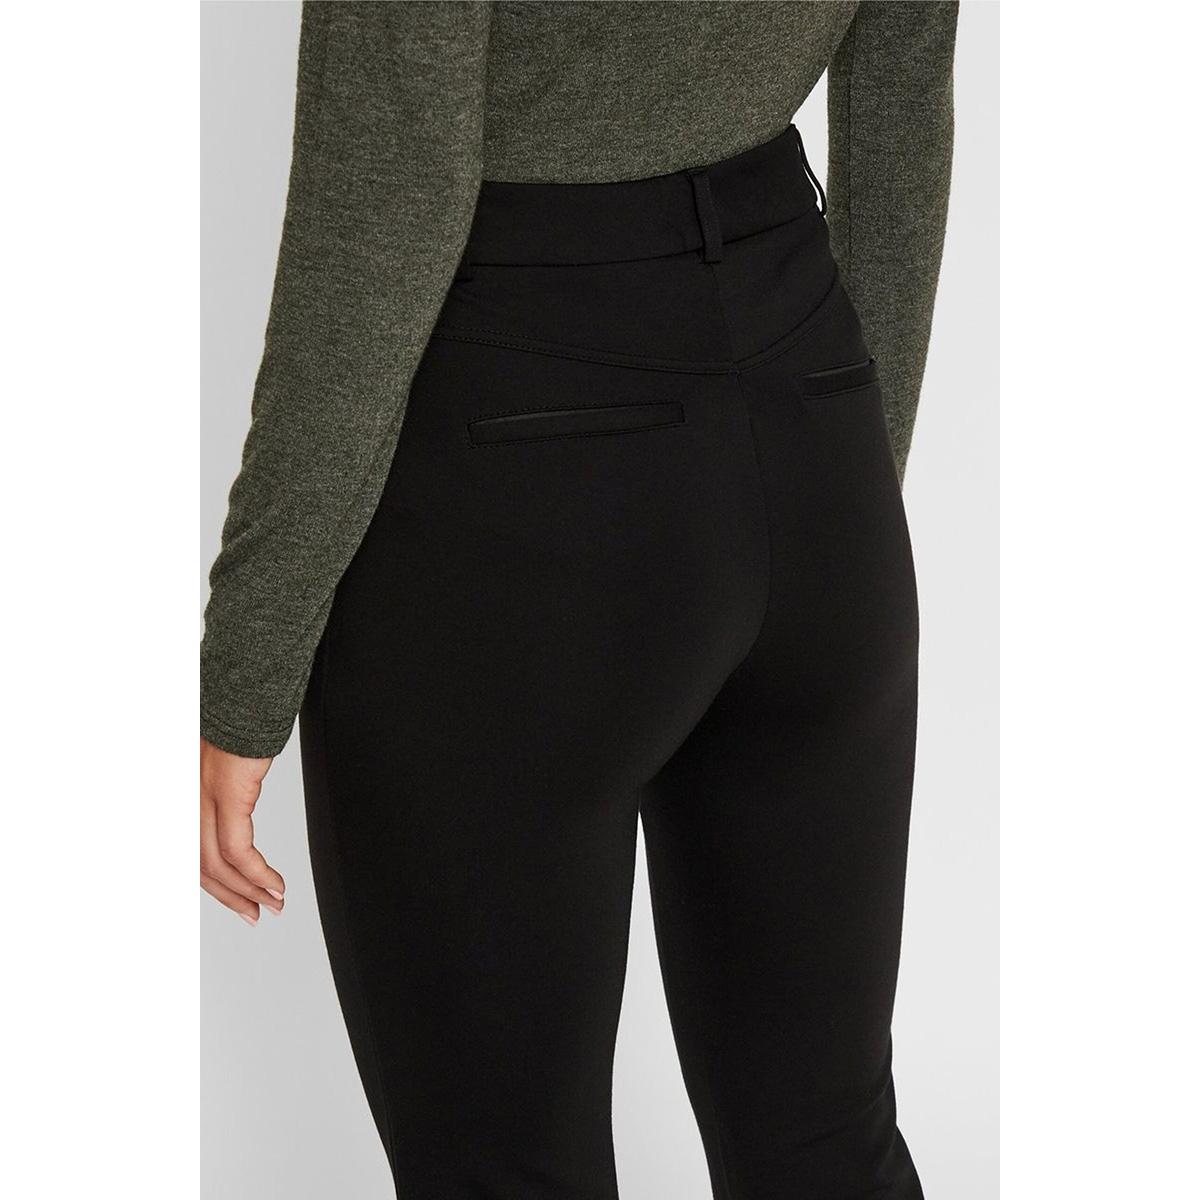 pcklara hw flared leggings bf 17103421 pieces broek black